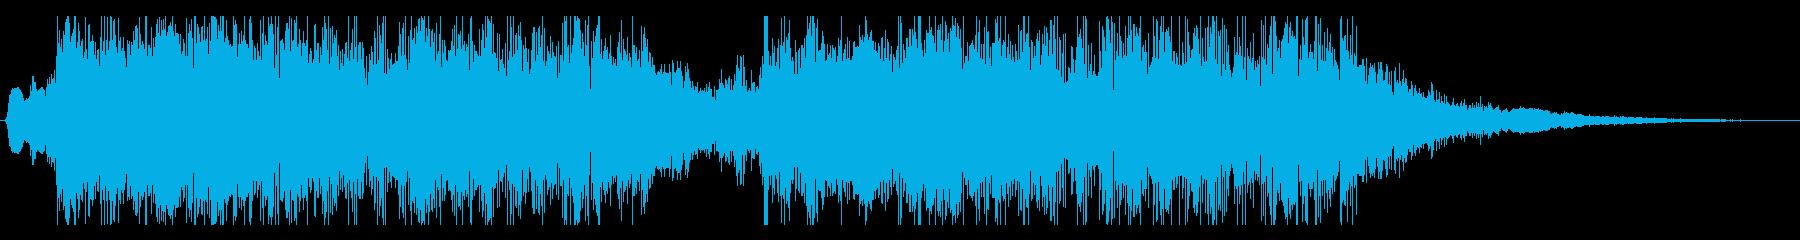 80年代のシンセポップ。遅い催眠大...の再生済みの波形